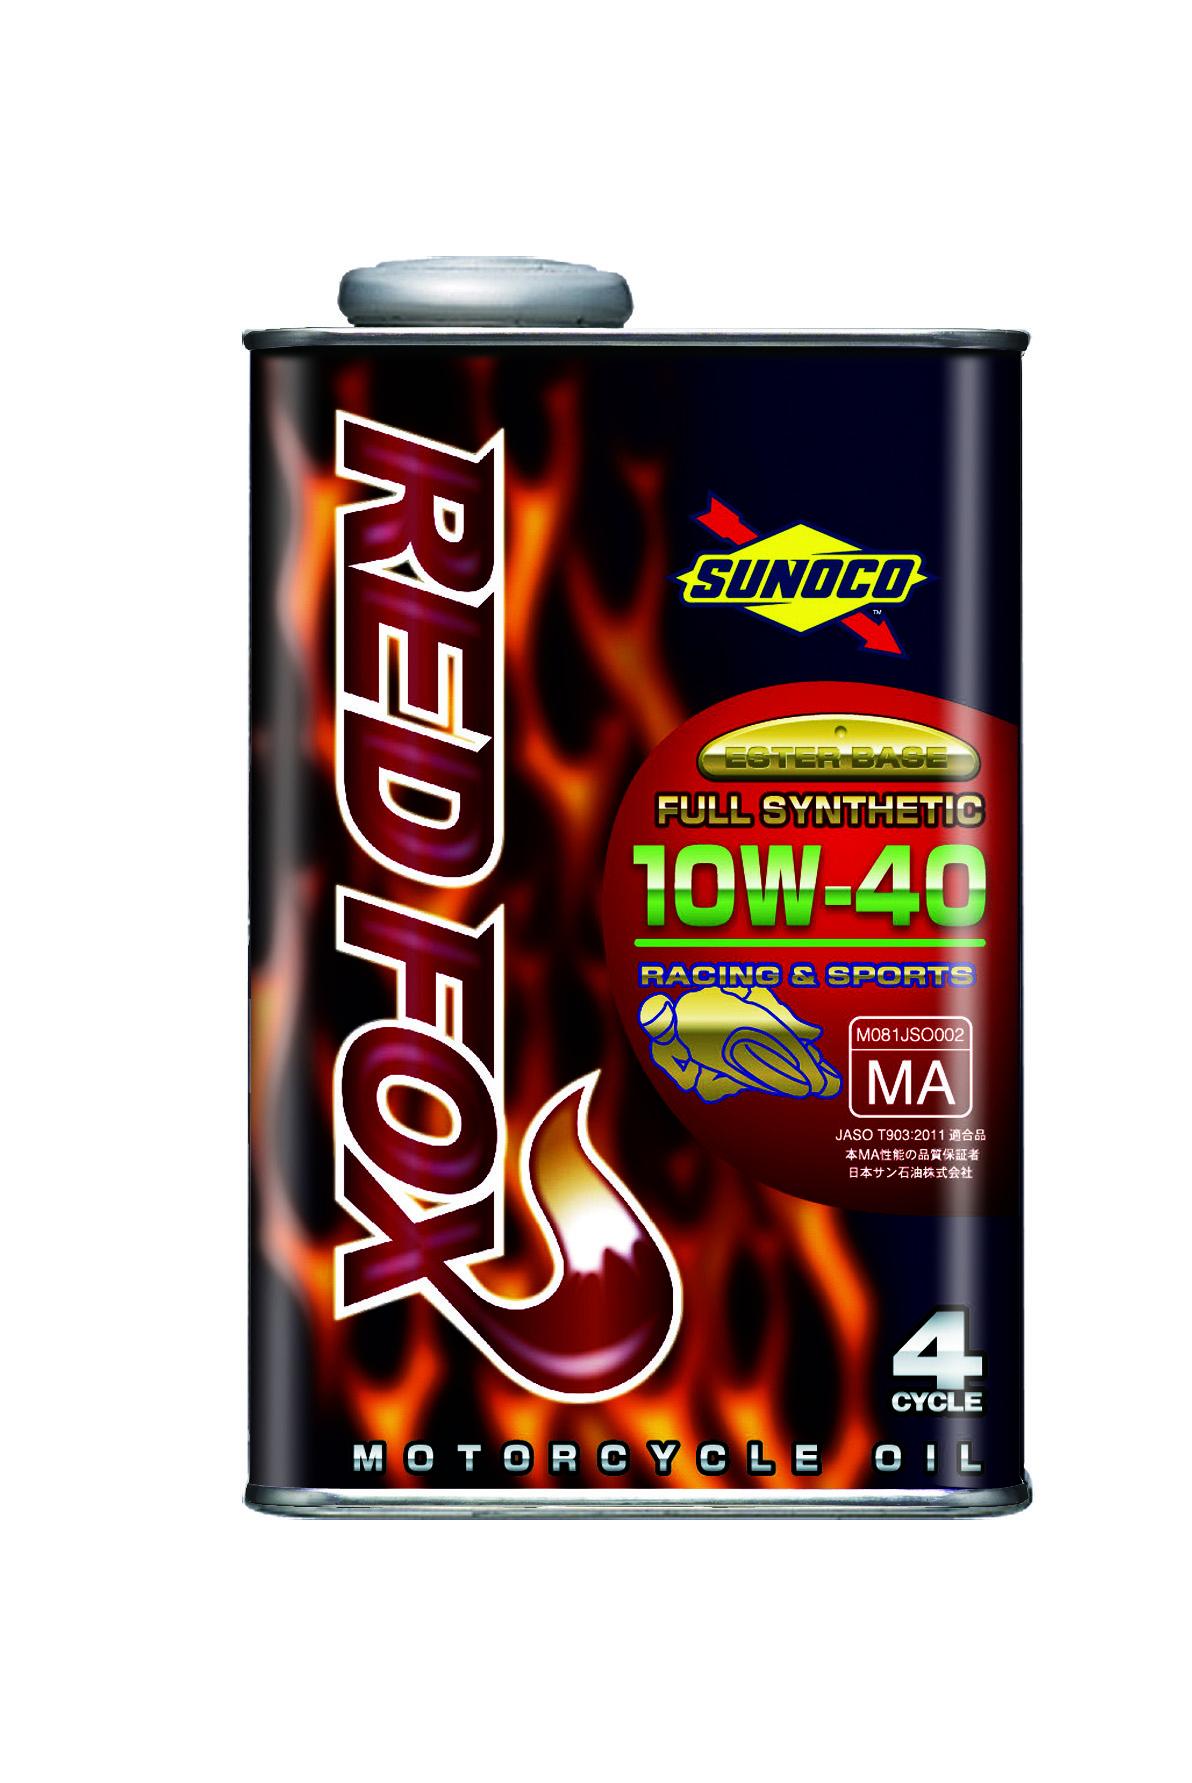 REDFOXs1040